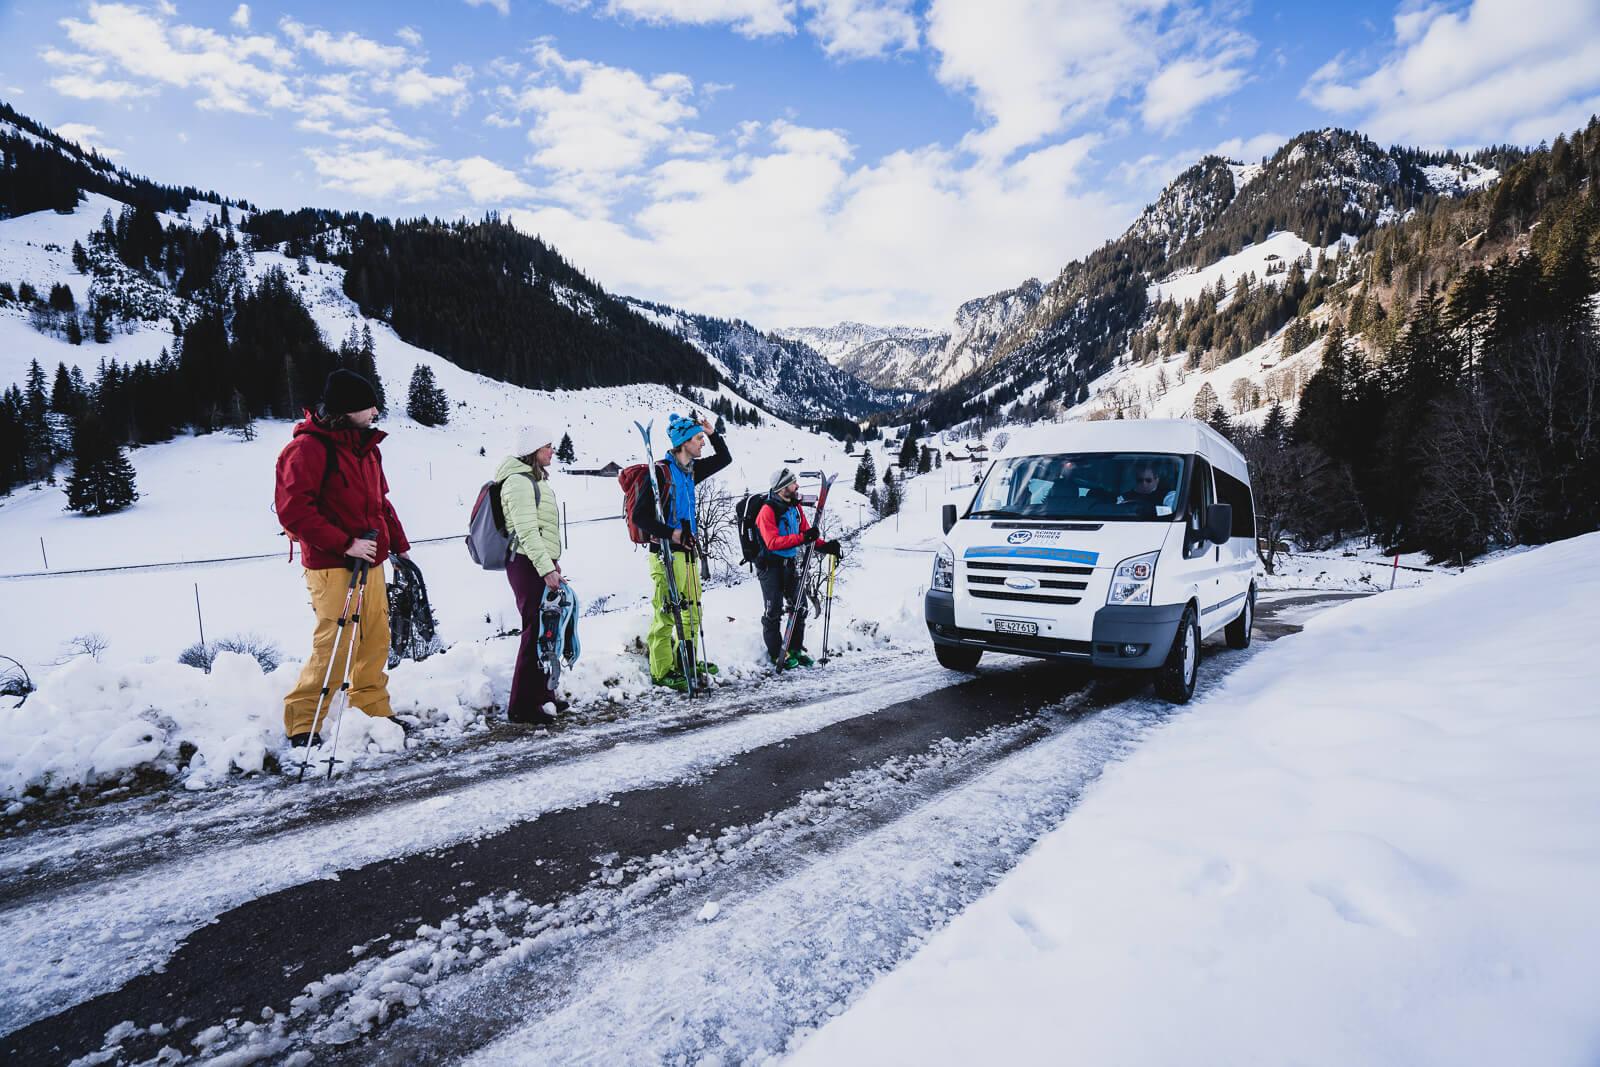 Die Skitourenfahrer warten auf den Schneetourenbus